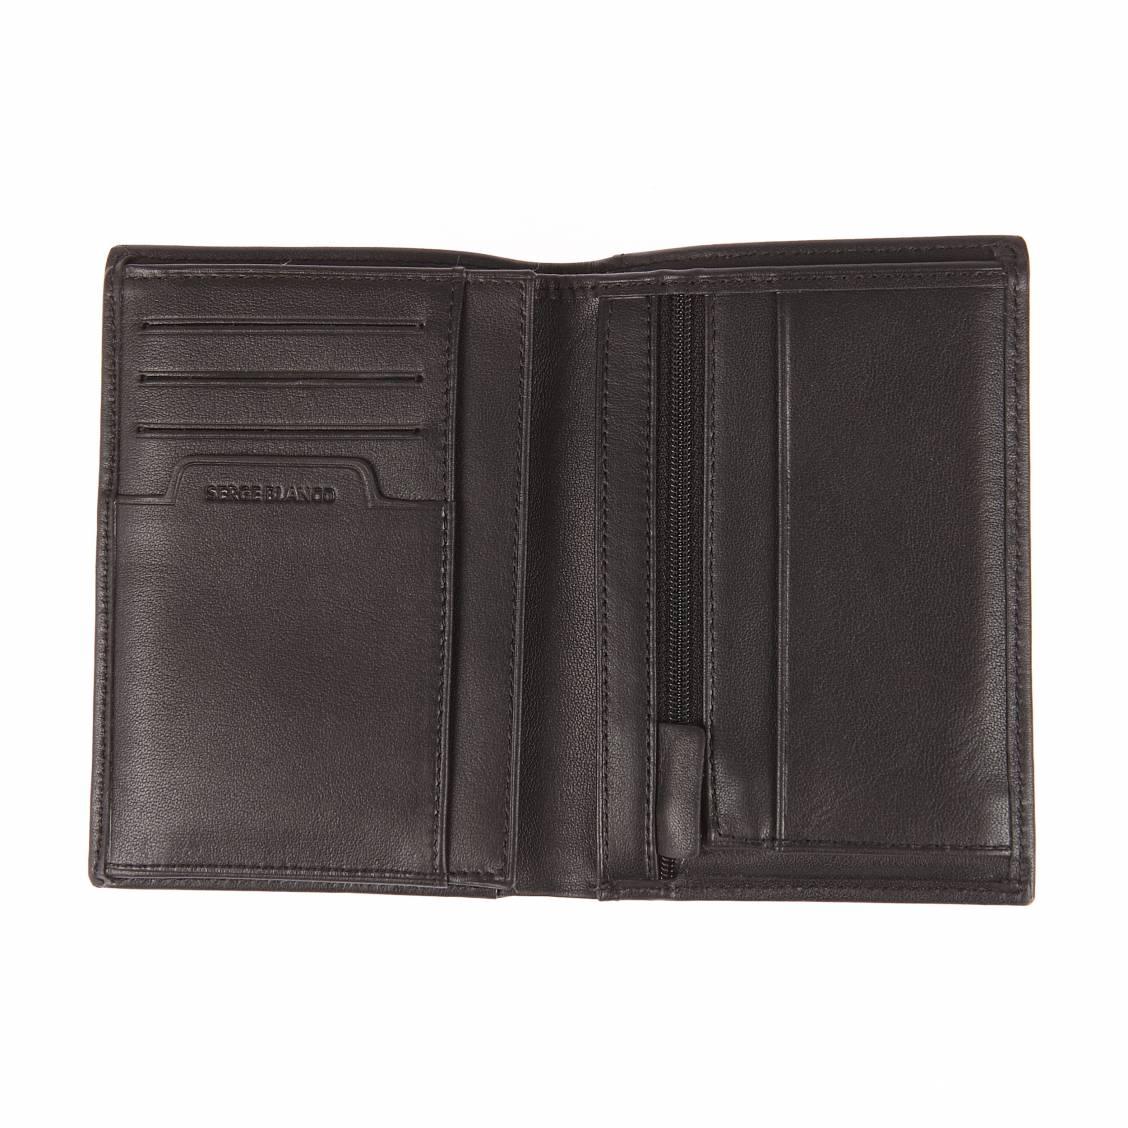 Portefeuille européen 4 volets Serge Blanco New Club en cuir de bovin noir lisse à porte-monnaie zippé Gbwlyxq